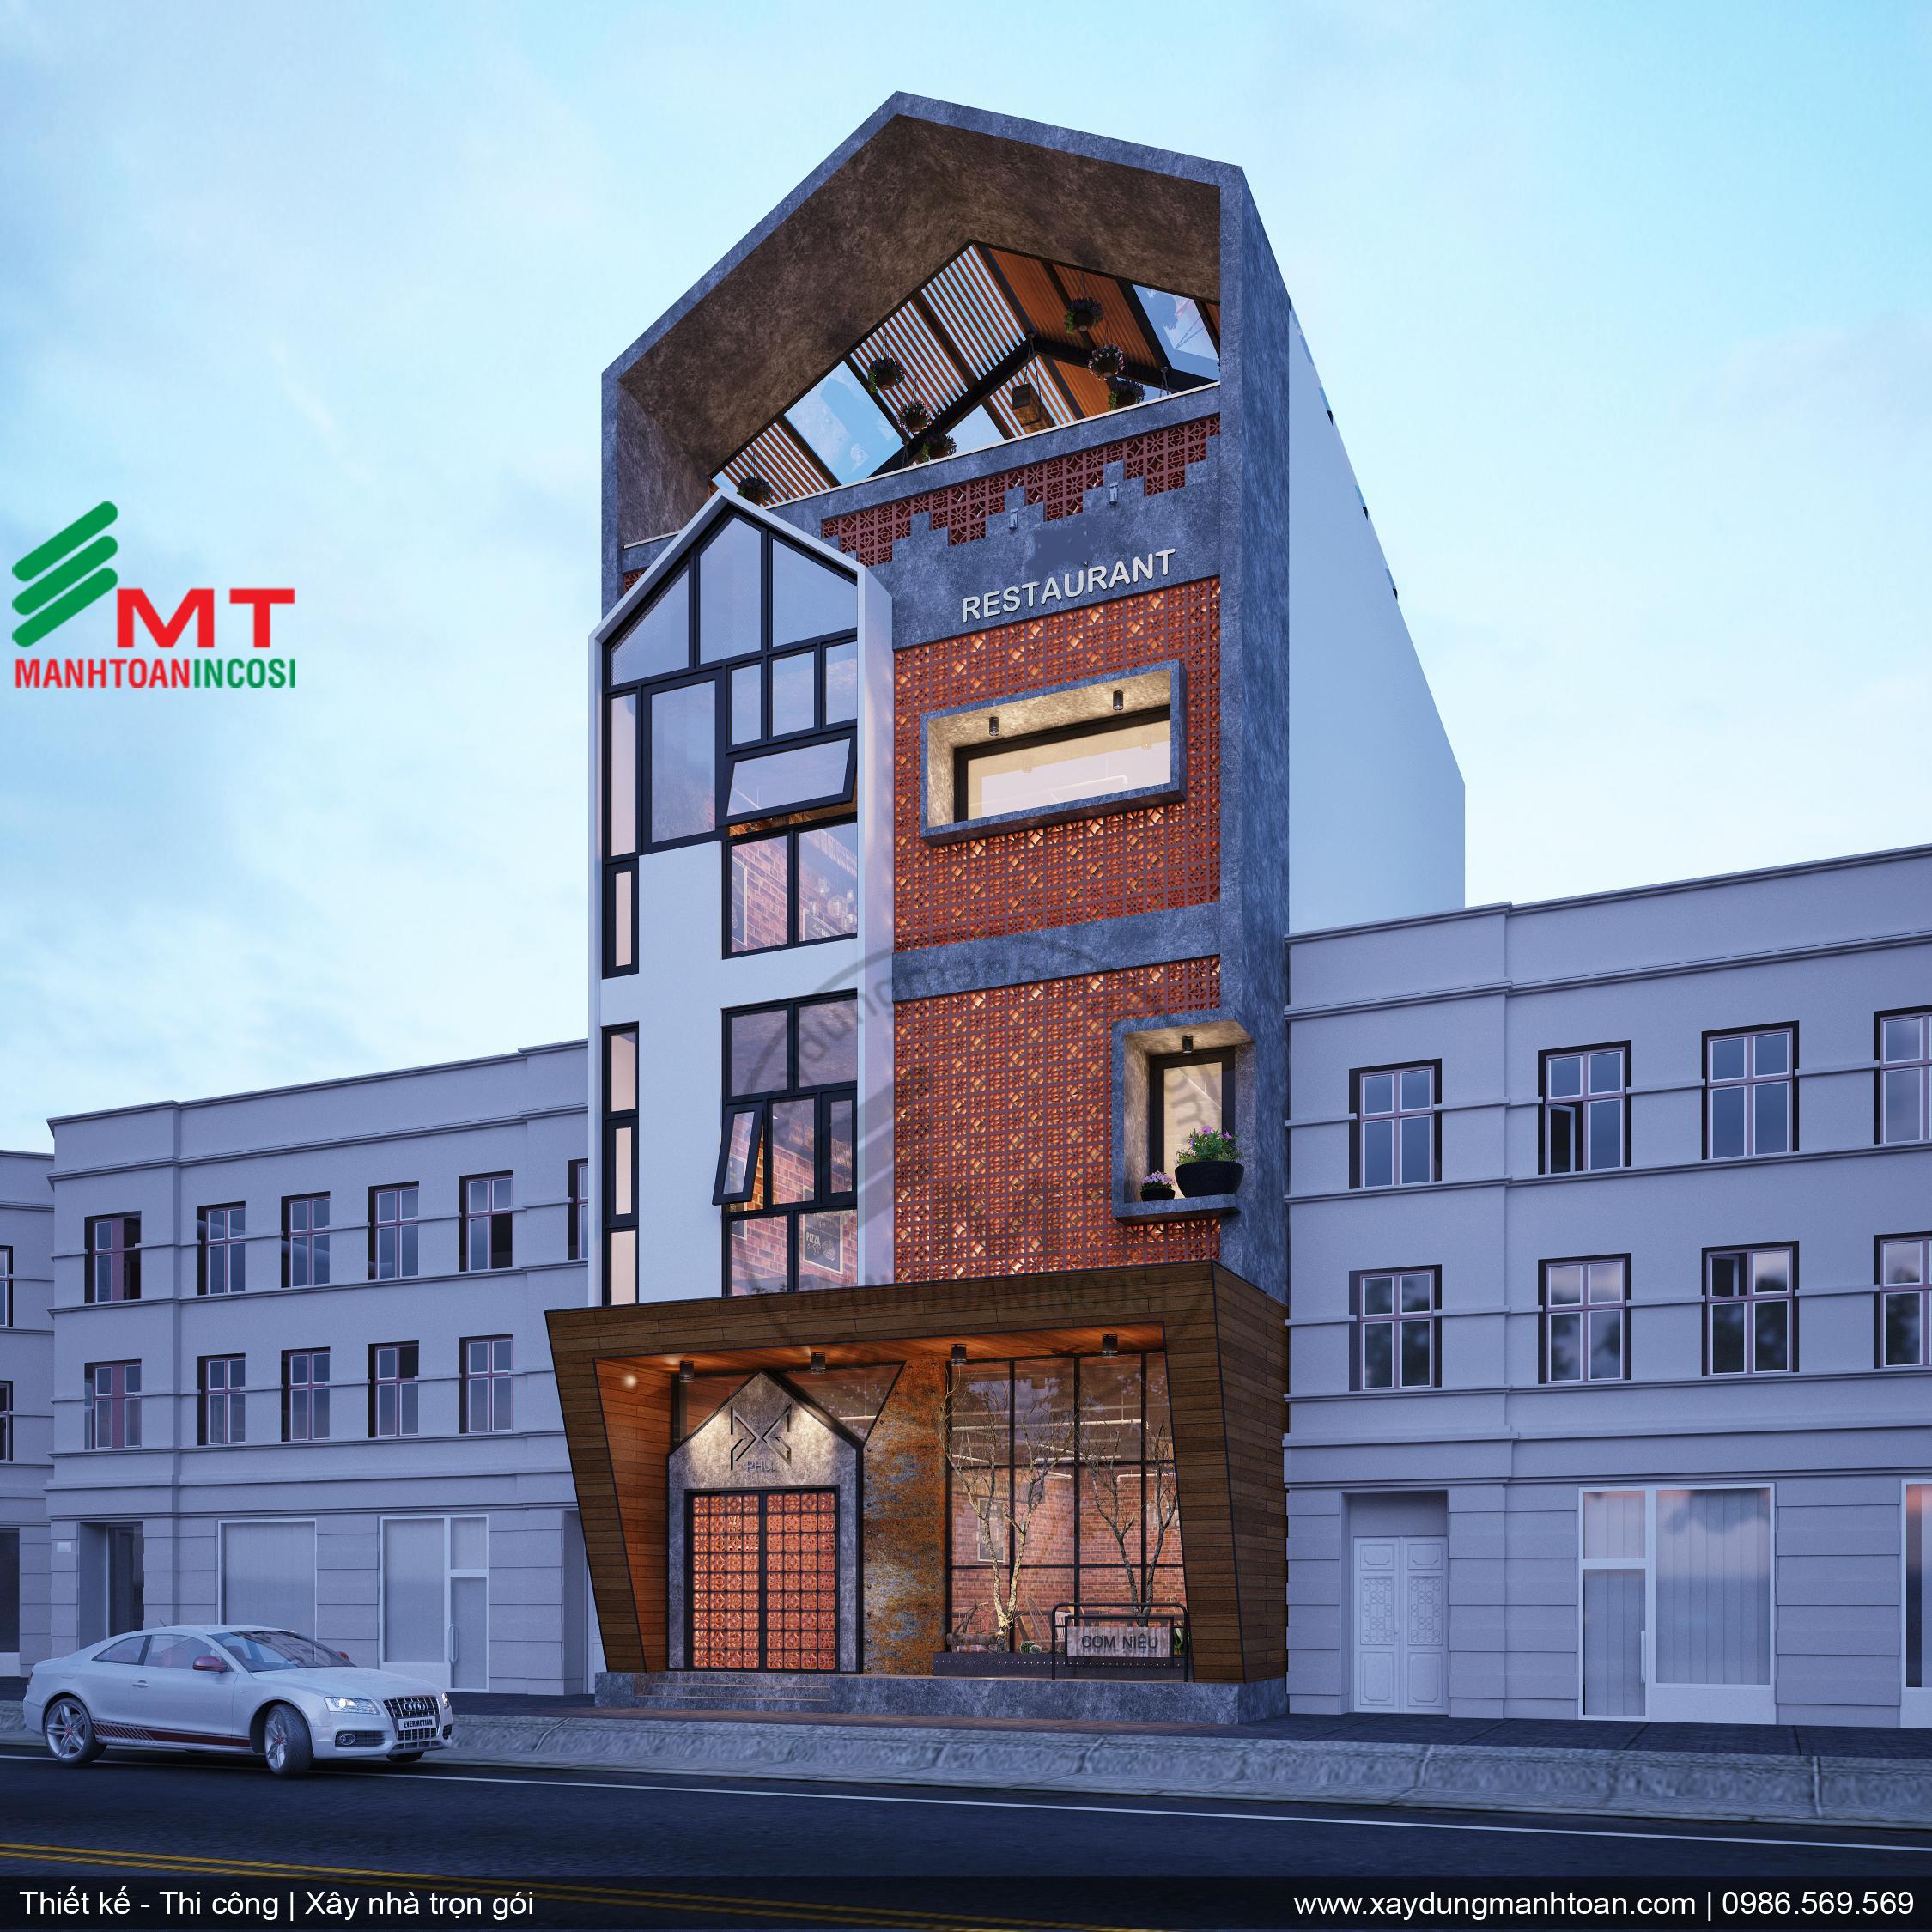 Thiết kế ngoại thất - nhà hàng tại Hạ Long - Quảng Ninh do Mạnh Toàn incosi thực hiện